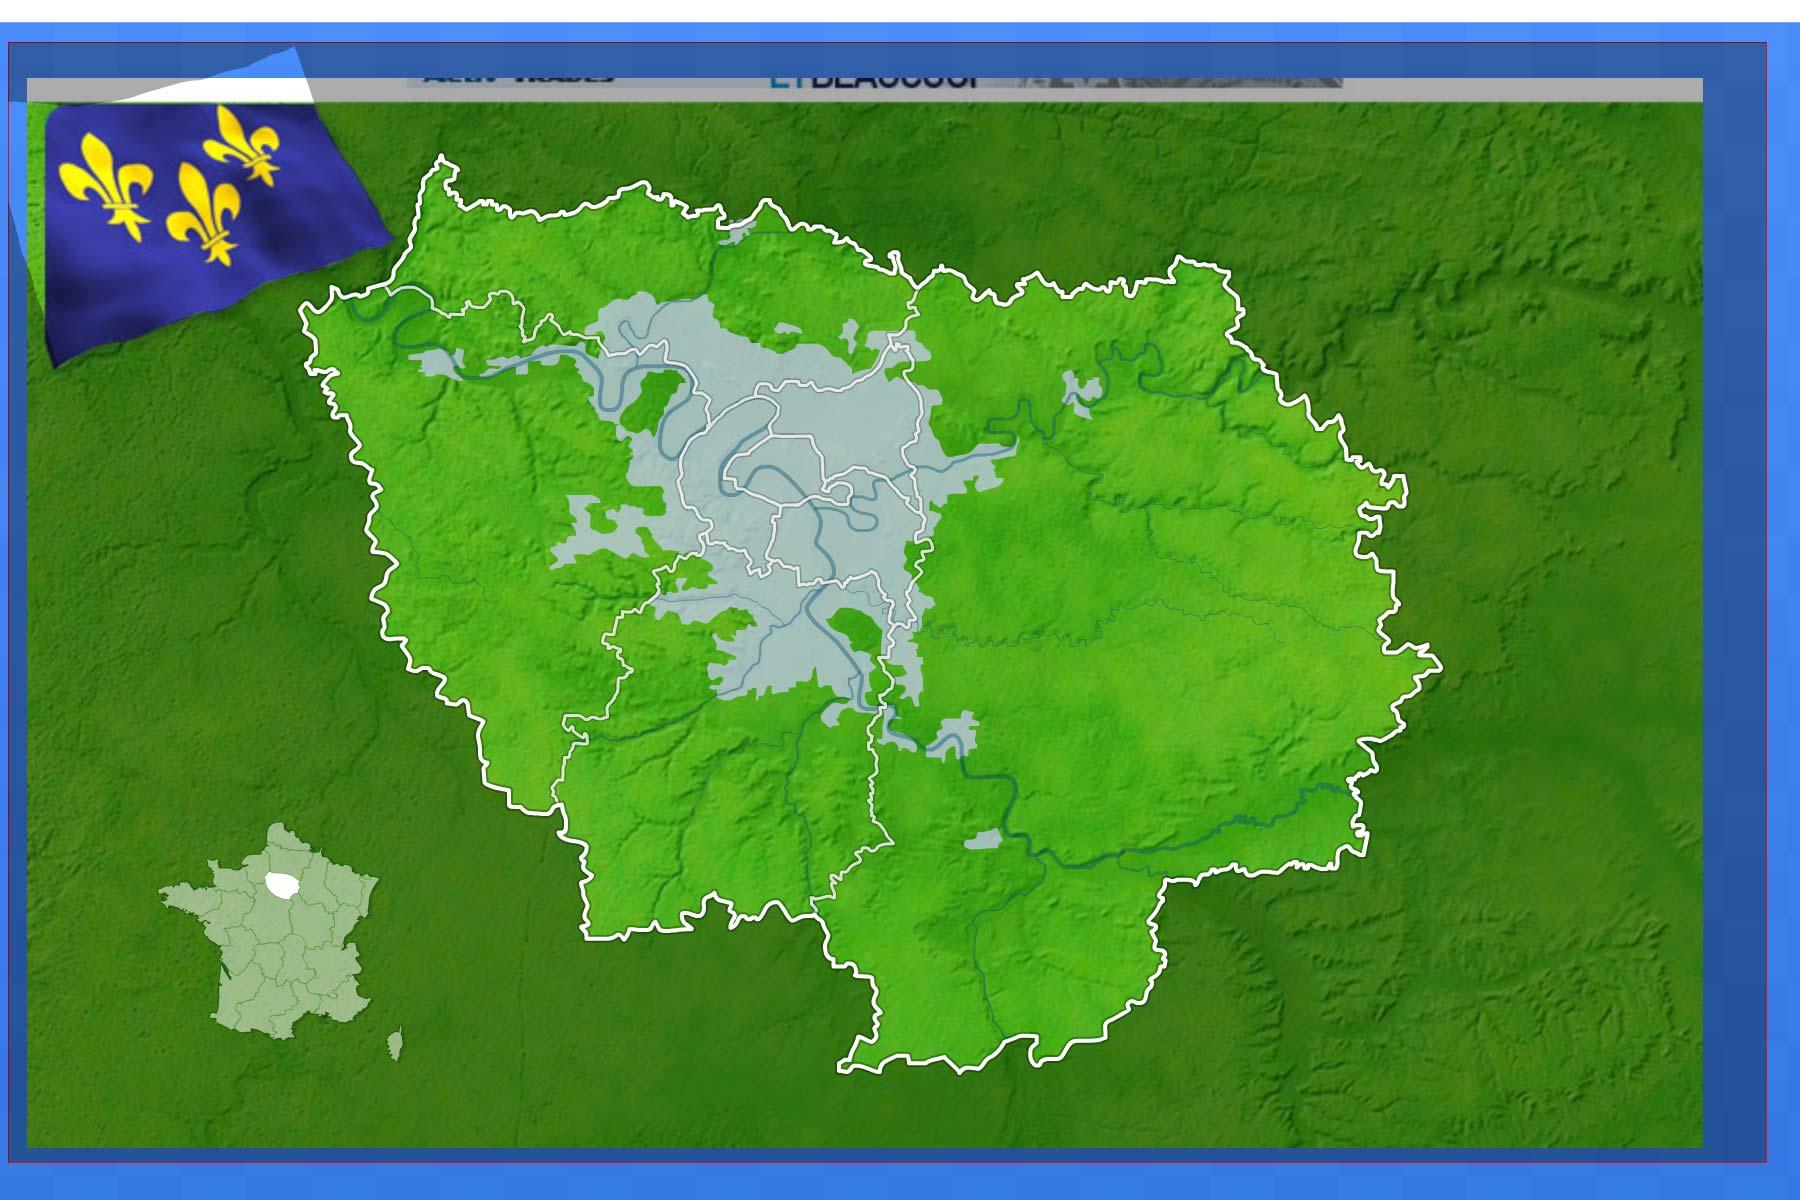 Jeux-Geographiques Jeux Gratuits Villes D Ile De France à Jeux De Geographie